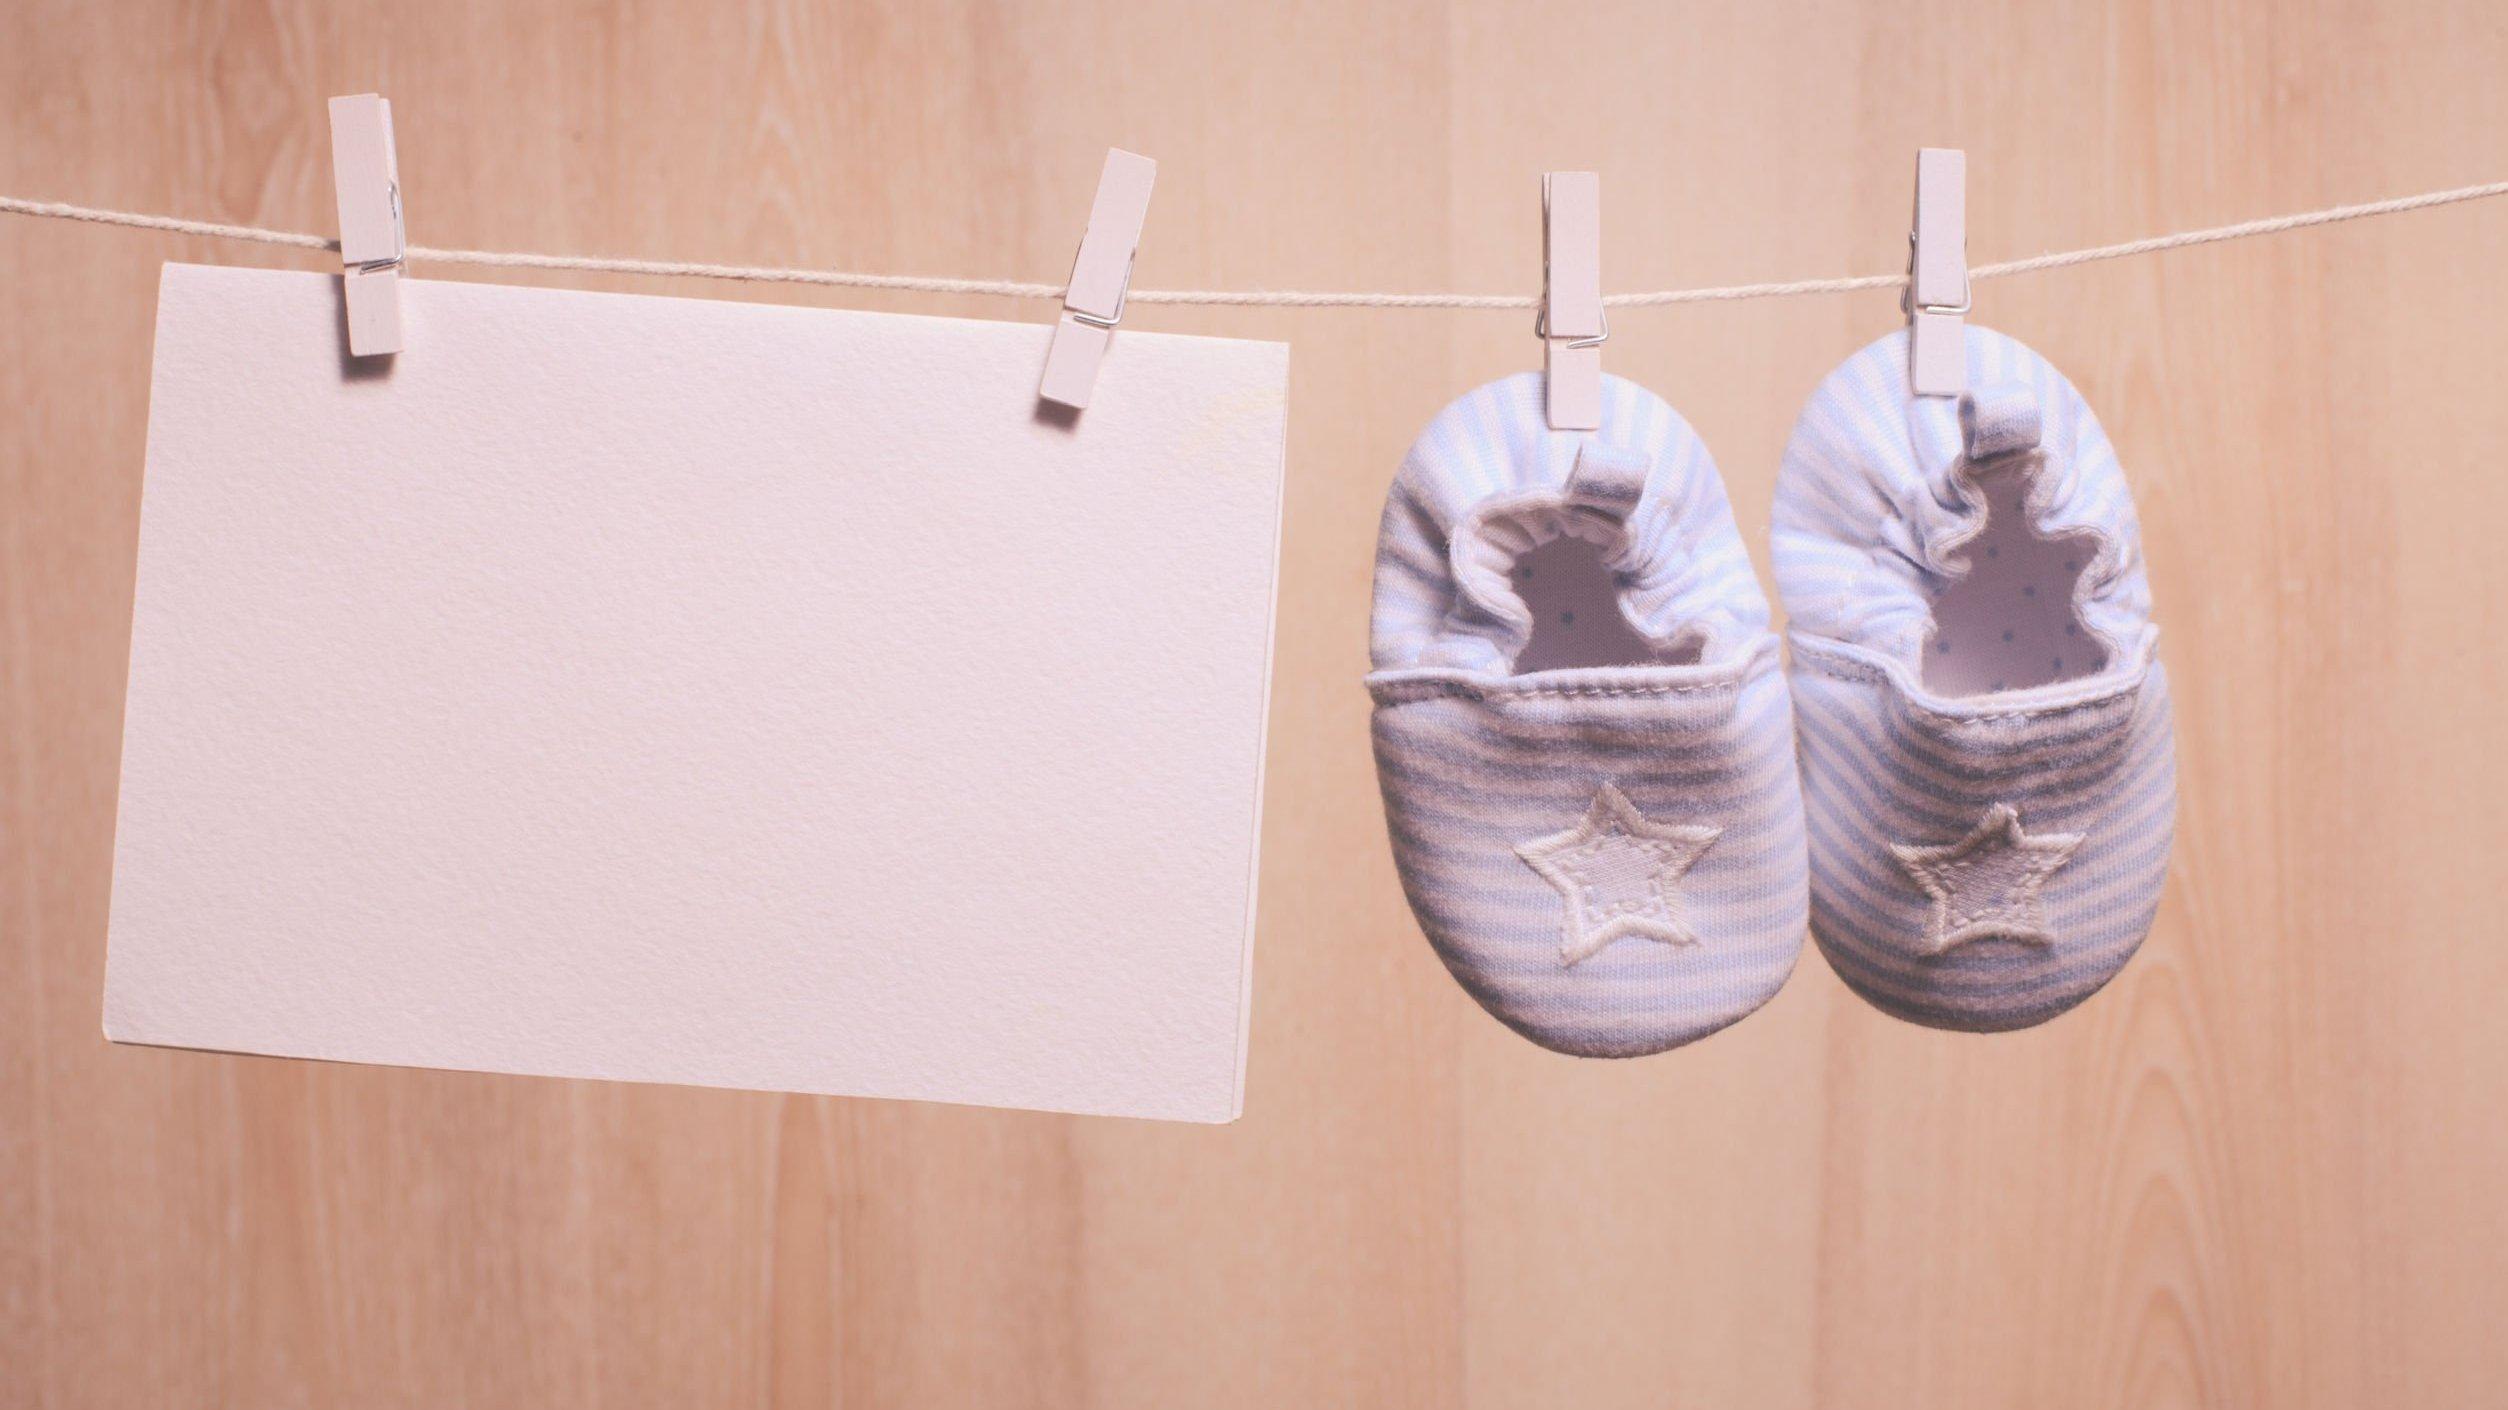 Acessórios de bebê presos a um varal com pregadores